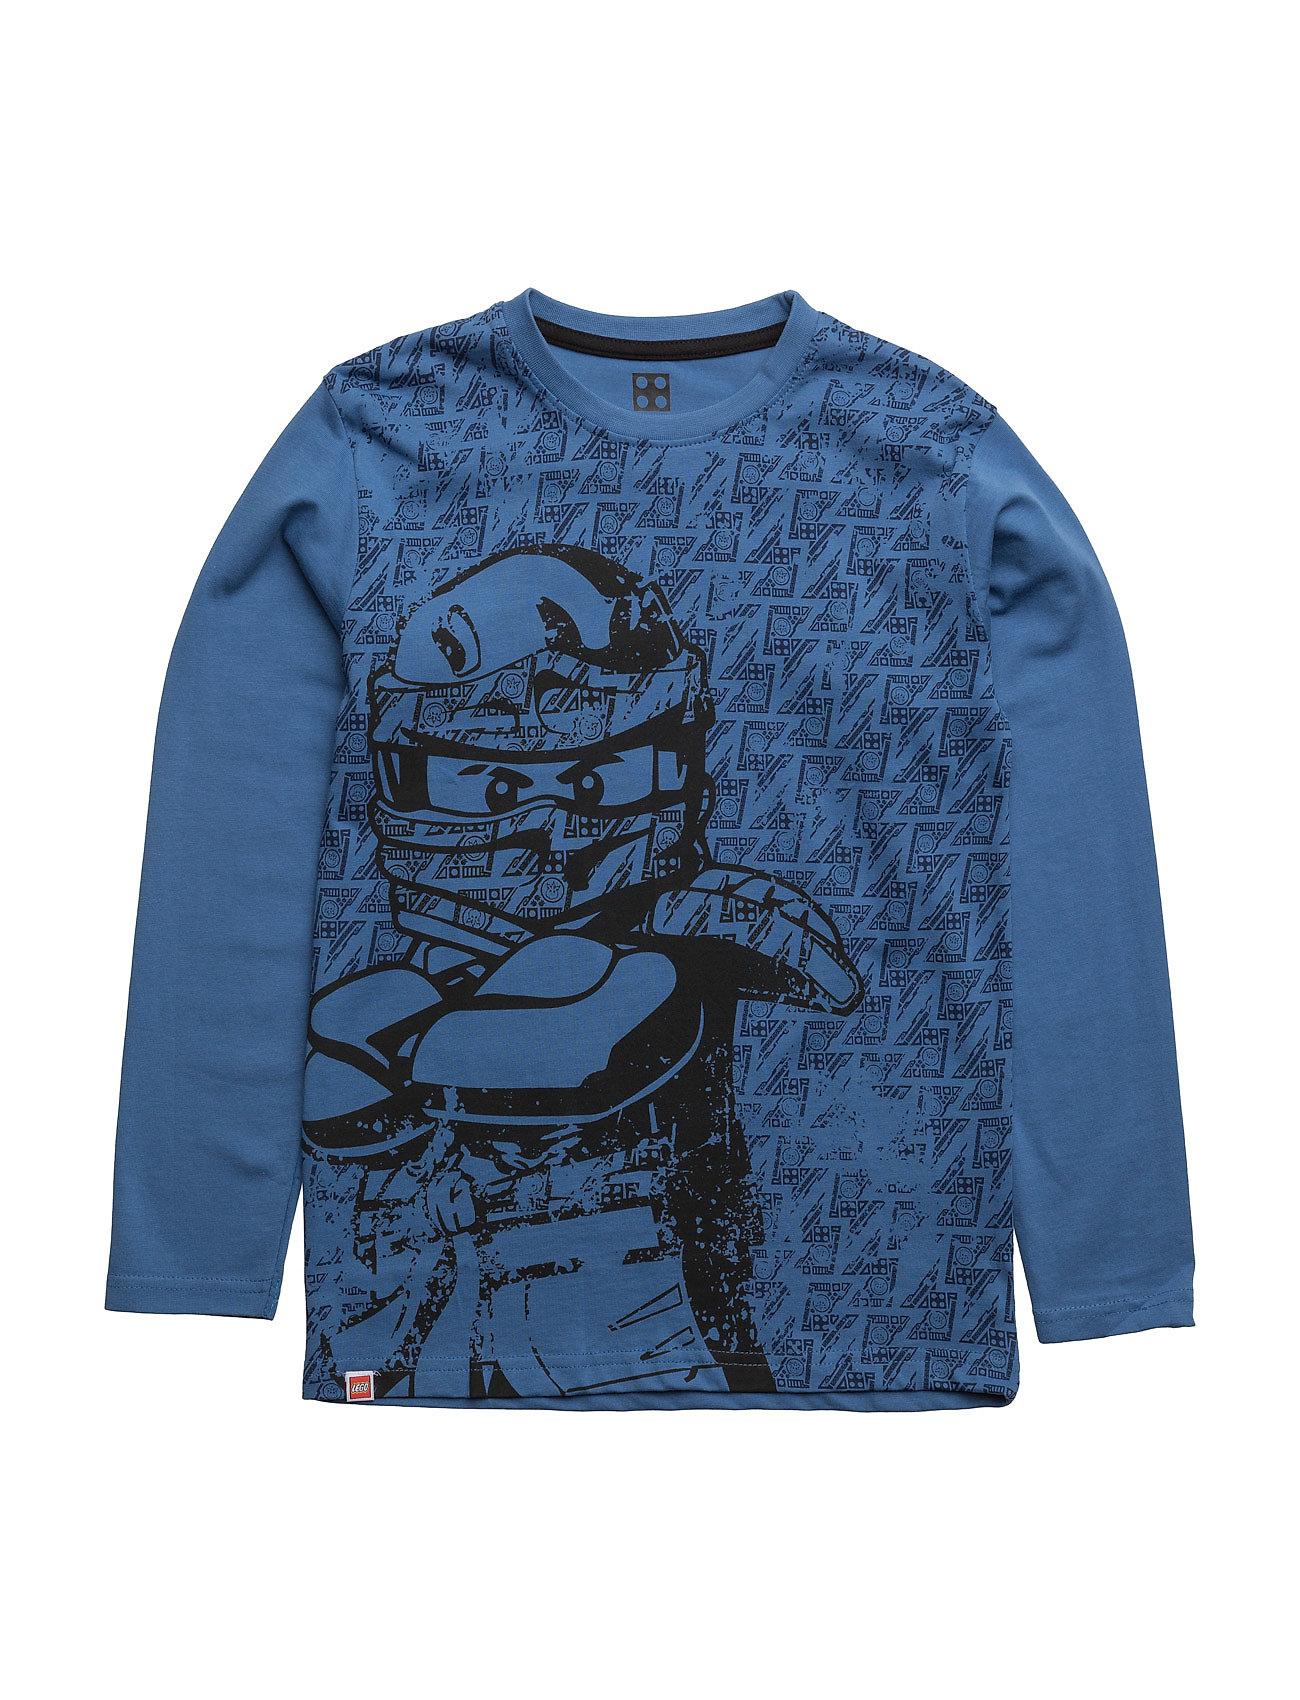 M-71456 - T-Shirt L/S Lego wear T-shirts til Drenge i Blå